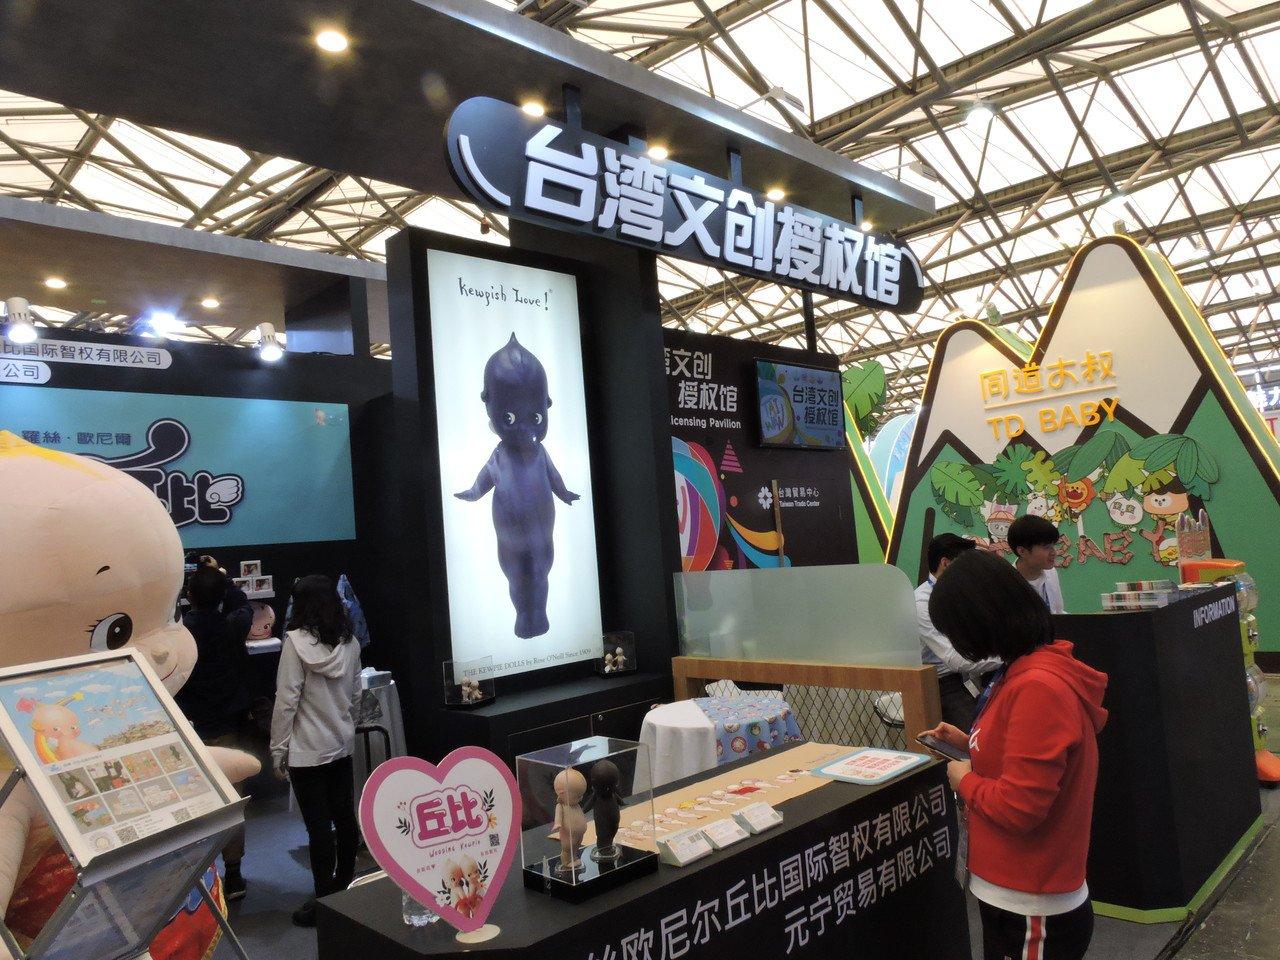 外貿協會打造的「台灣文創授權館」。記者戴瑞芬╱攝影